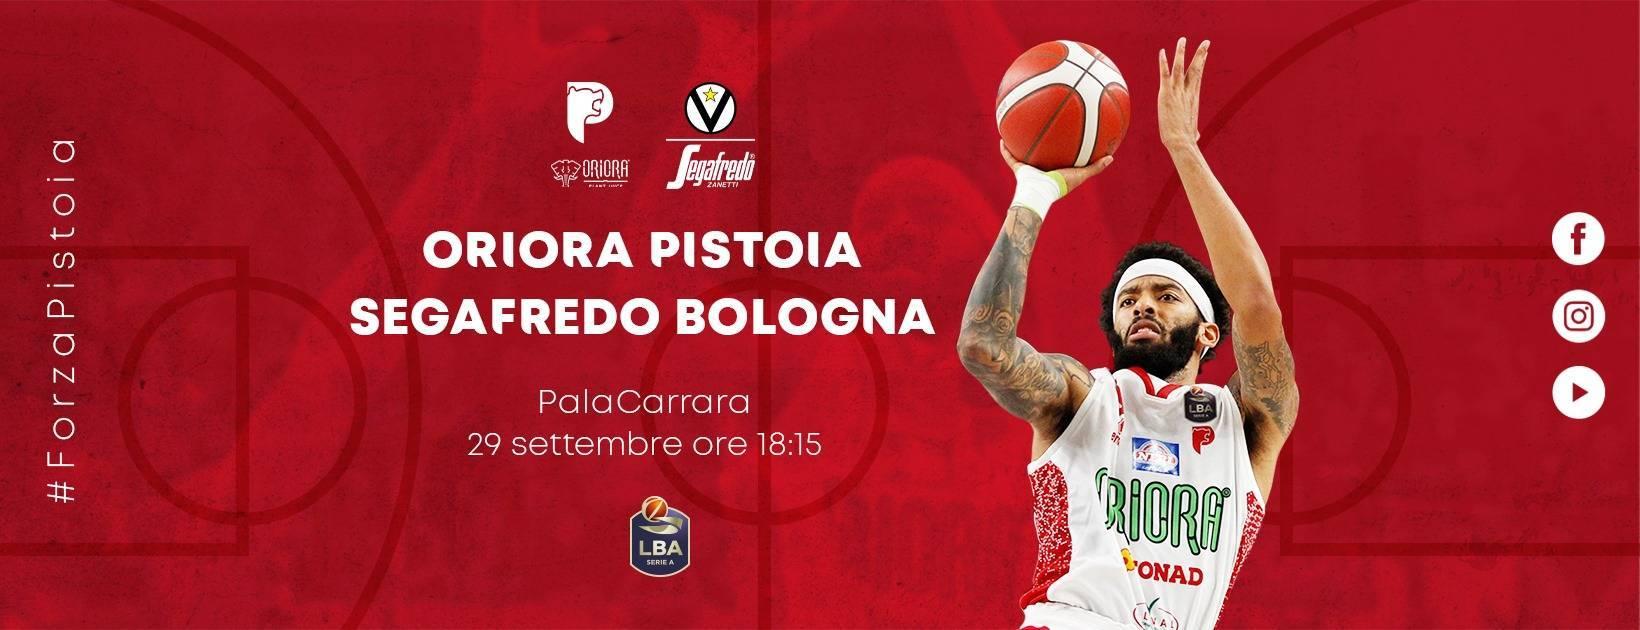 Legabasket LBA 2^ giornata 2019-20: la Oriora Pistoia deve cedere alla Virtus Bologna per 78-88